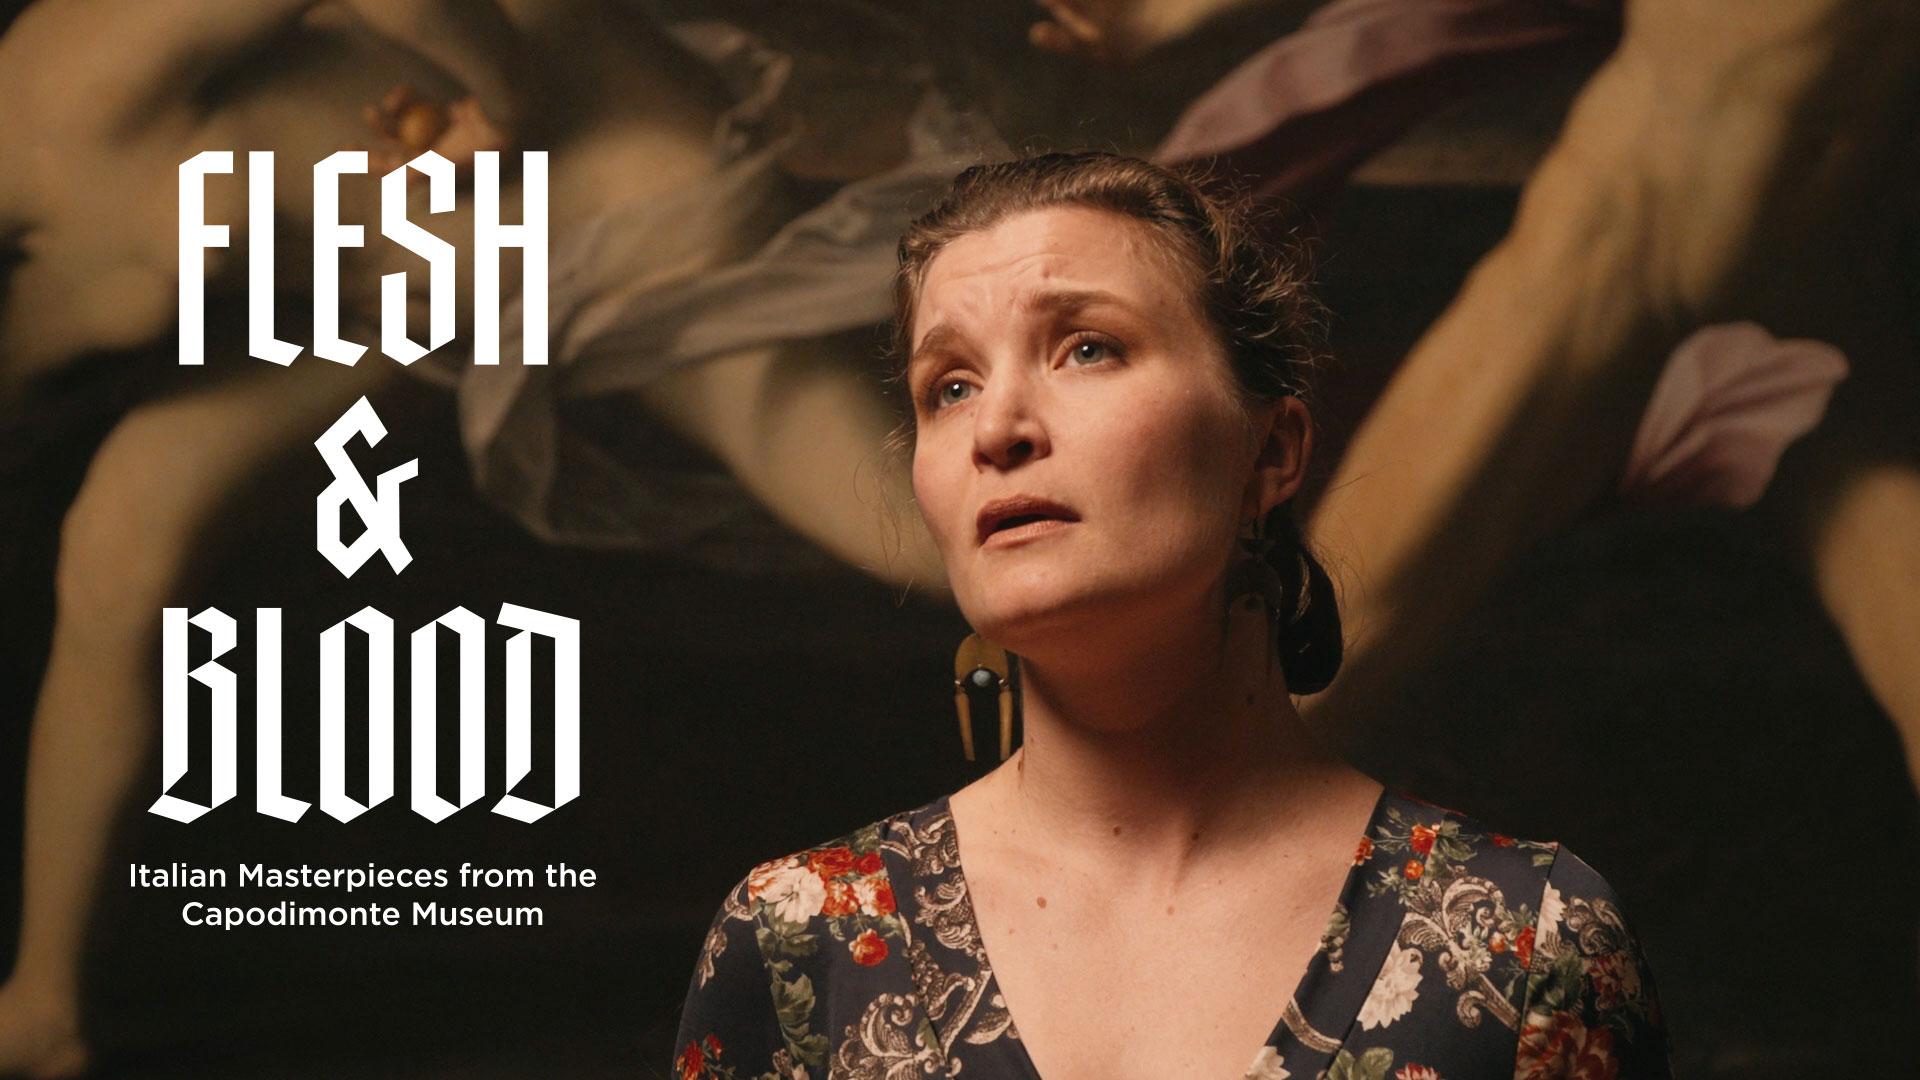 Seattle Opera Visits Flesh and Blood